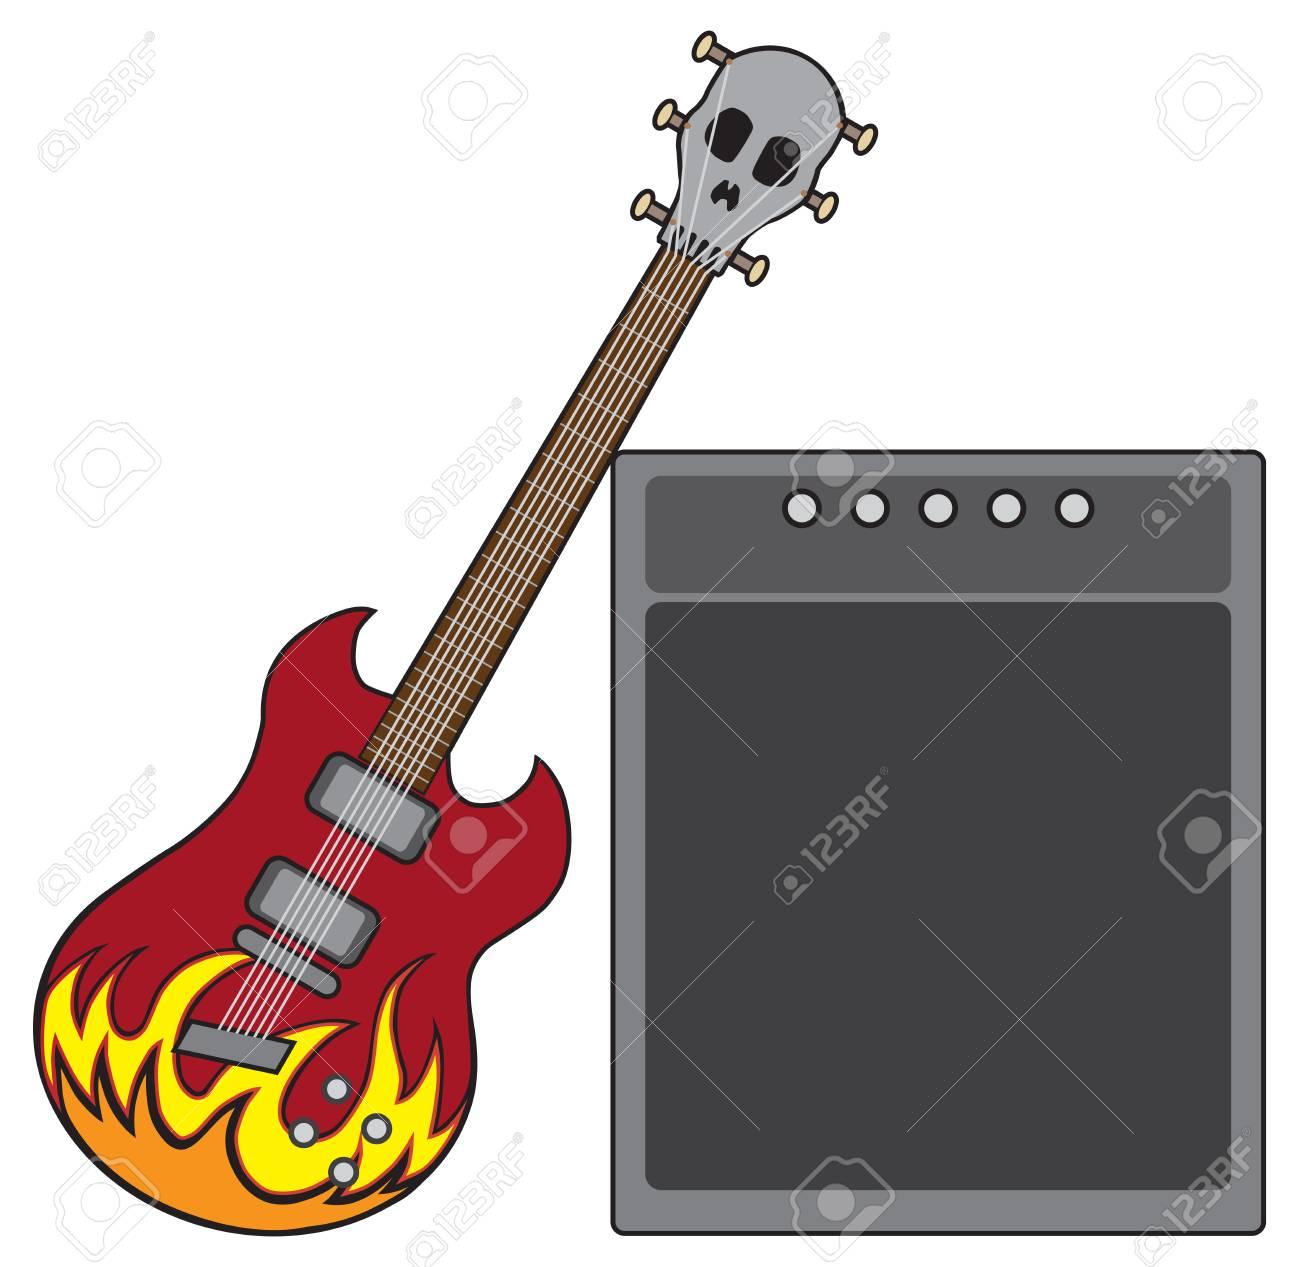 Una Guitarra Eléctrica Decorada Con Llamas Y Una Cabeza Con Forma De